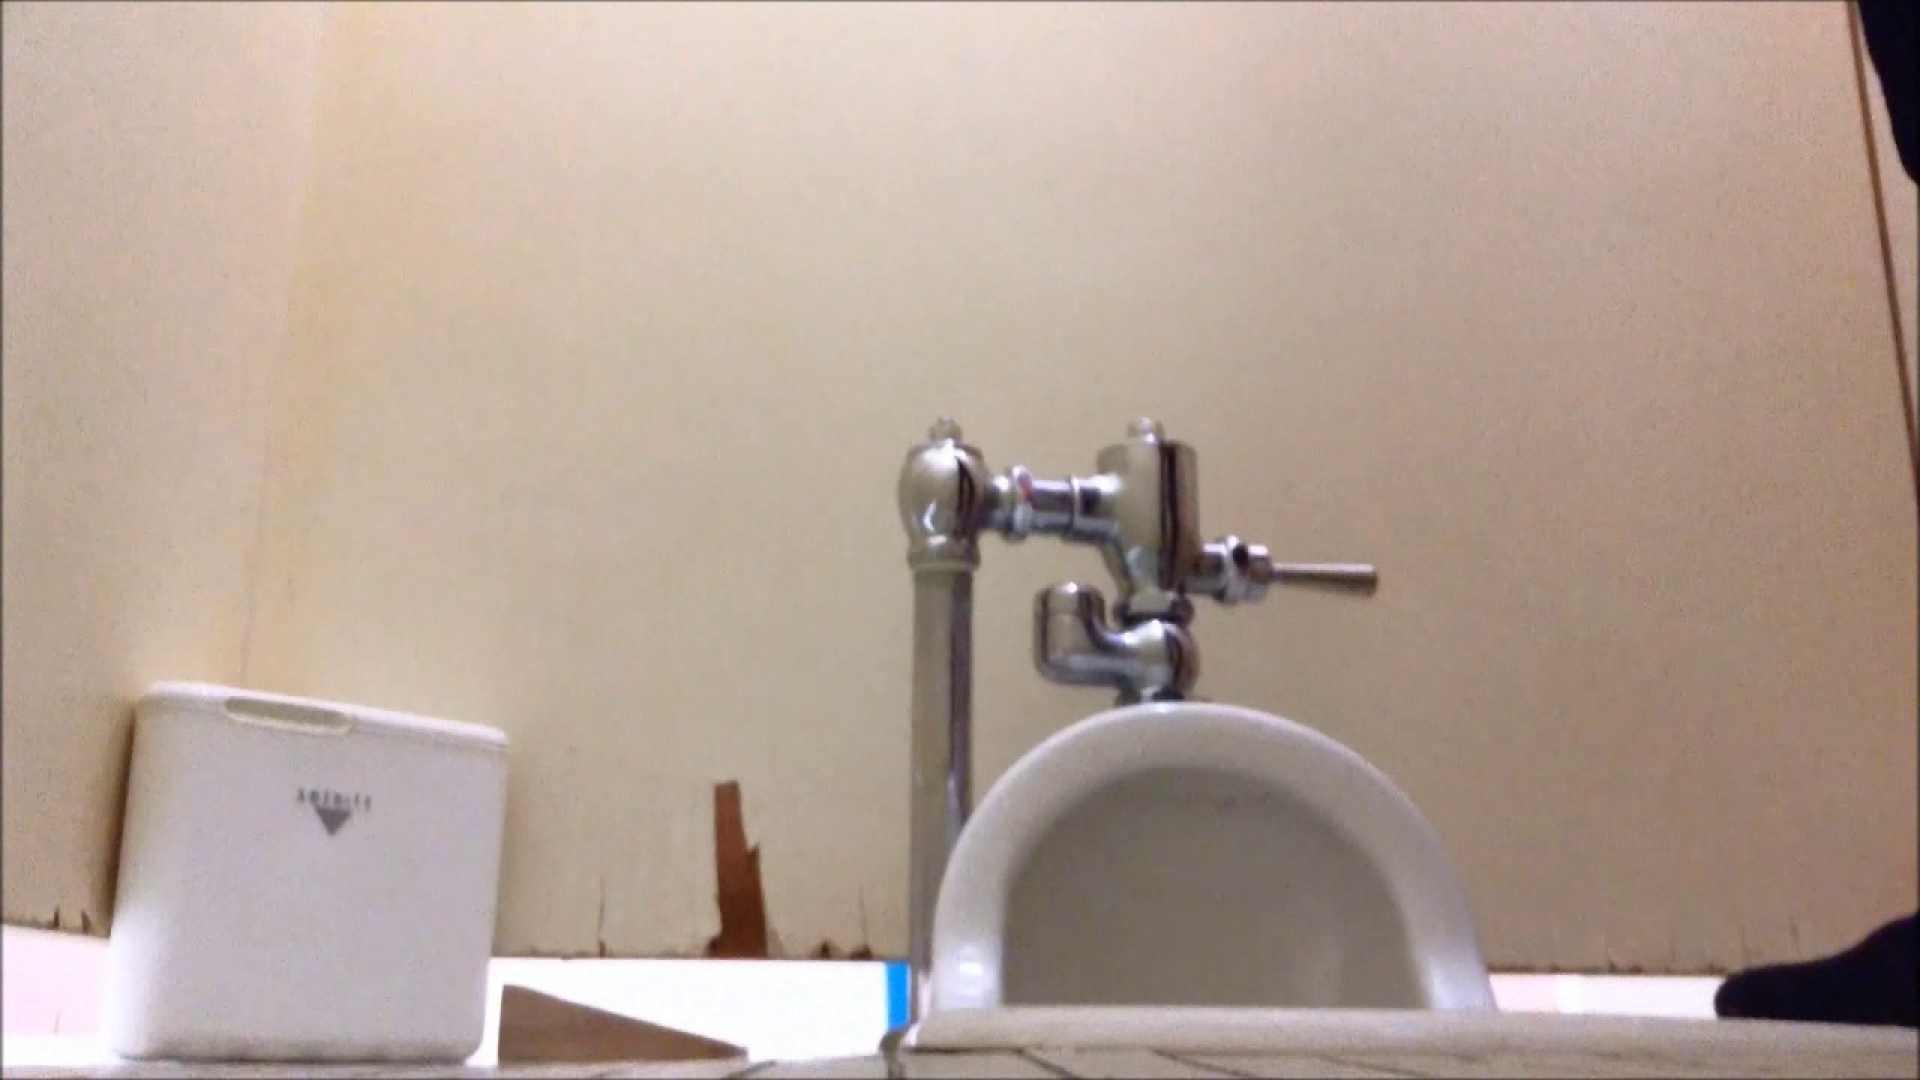 某有名大学女性洗面所 vol.09 潜入 オメコ無修正動画無料 111画像 60